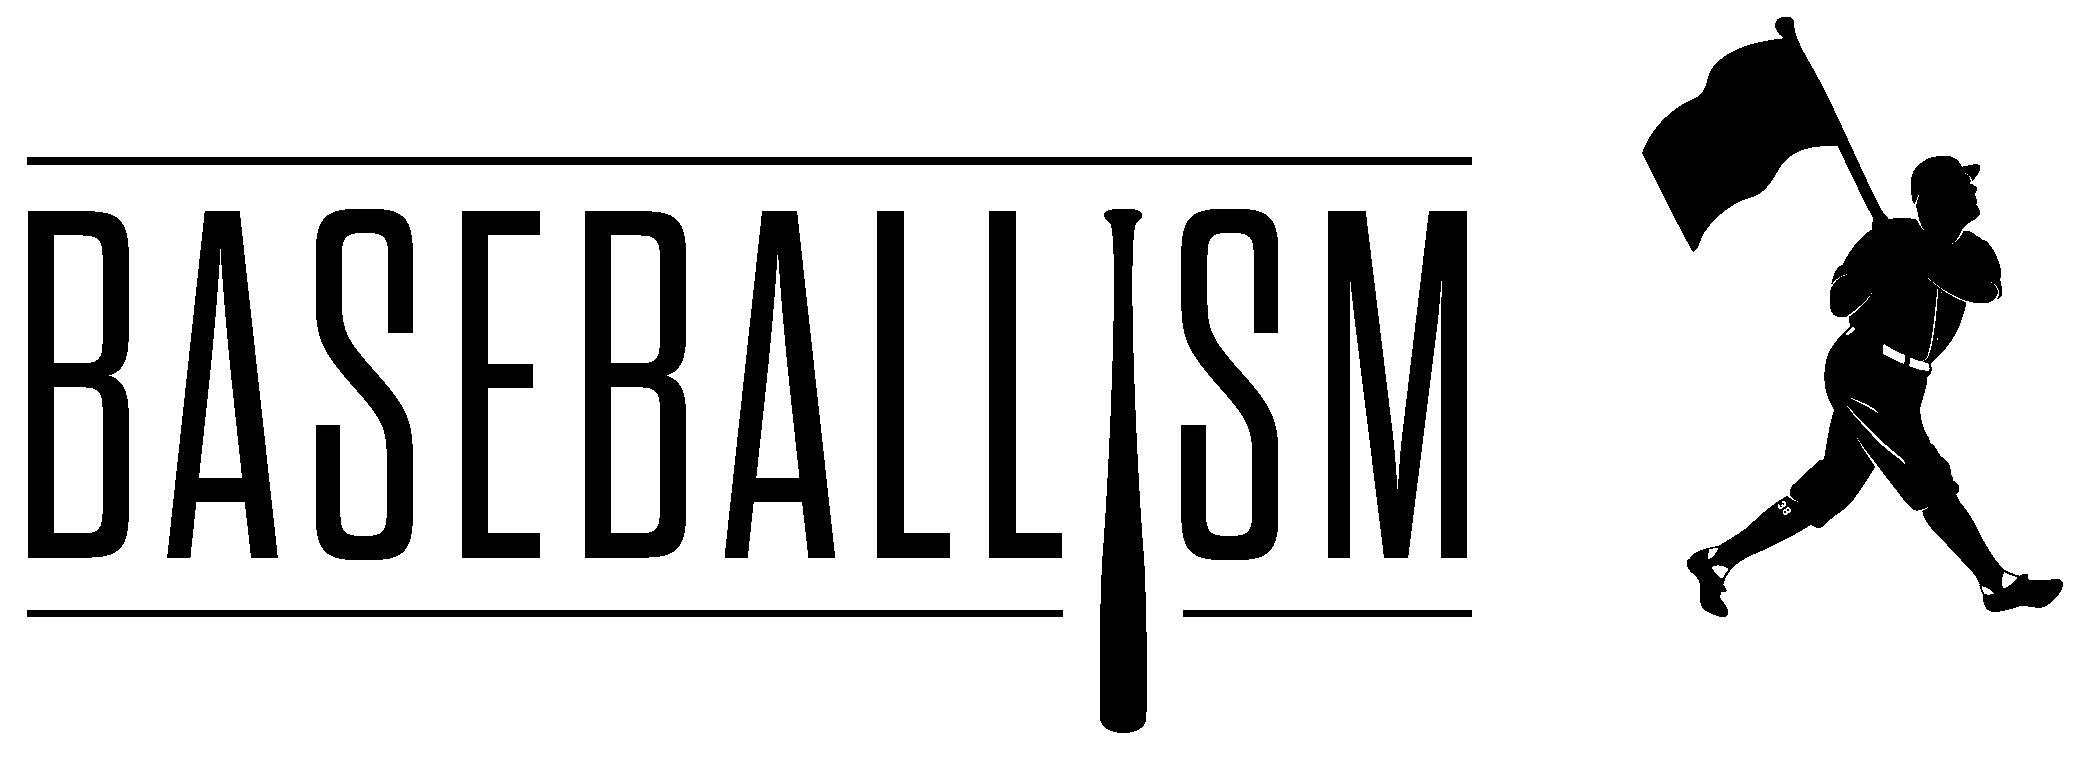 Logotipo de baseballismo